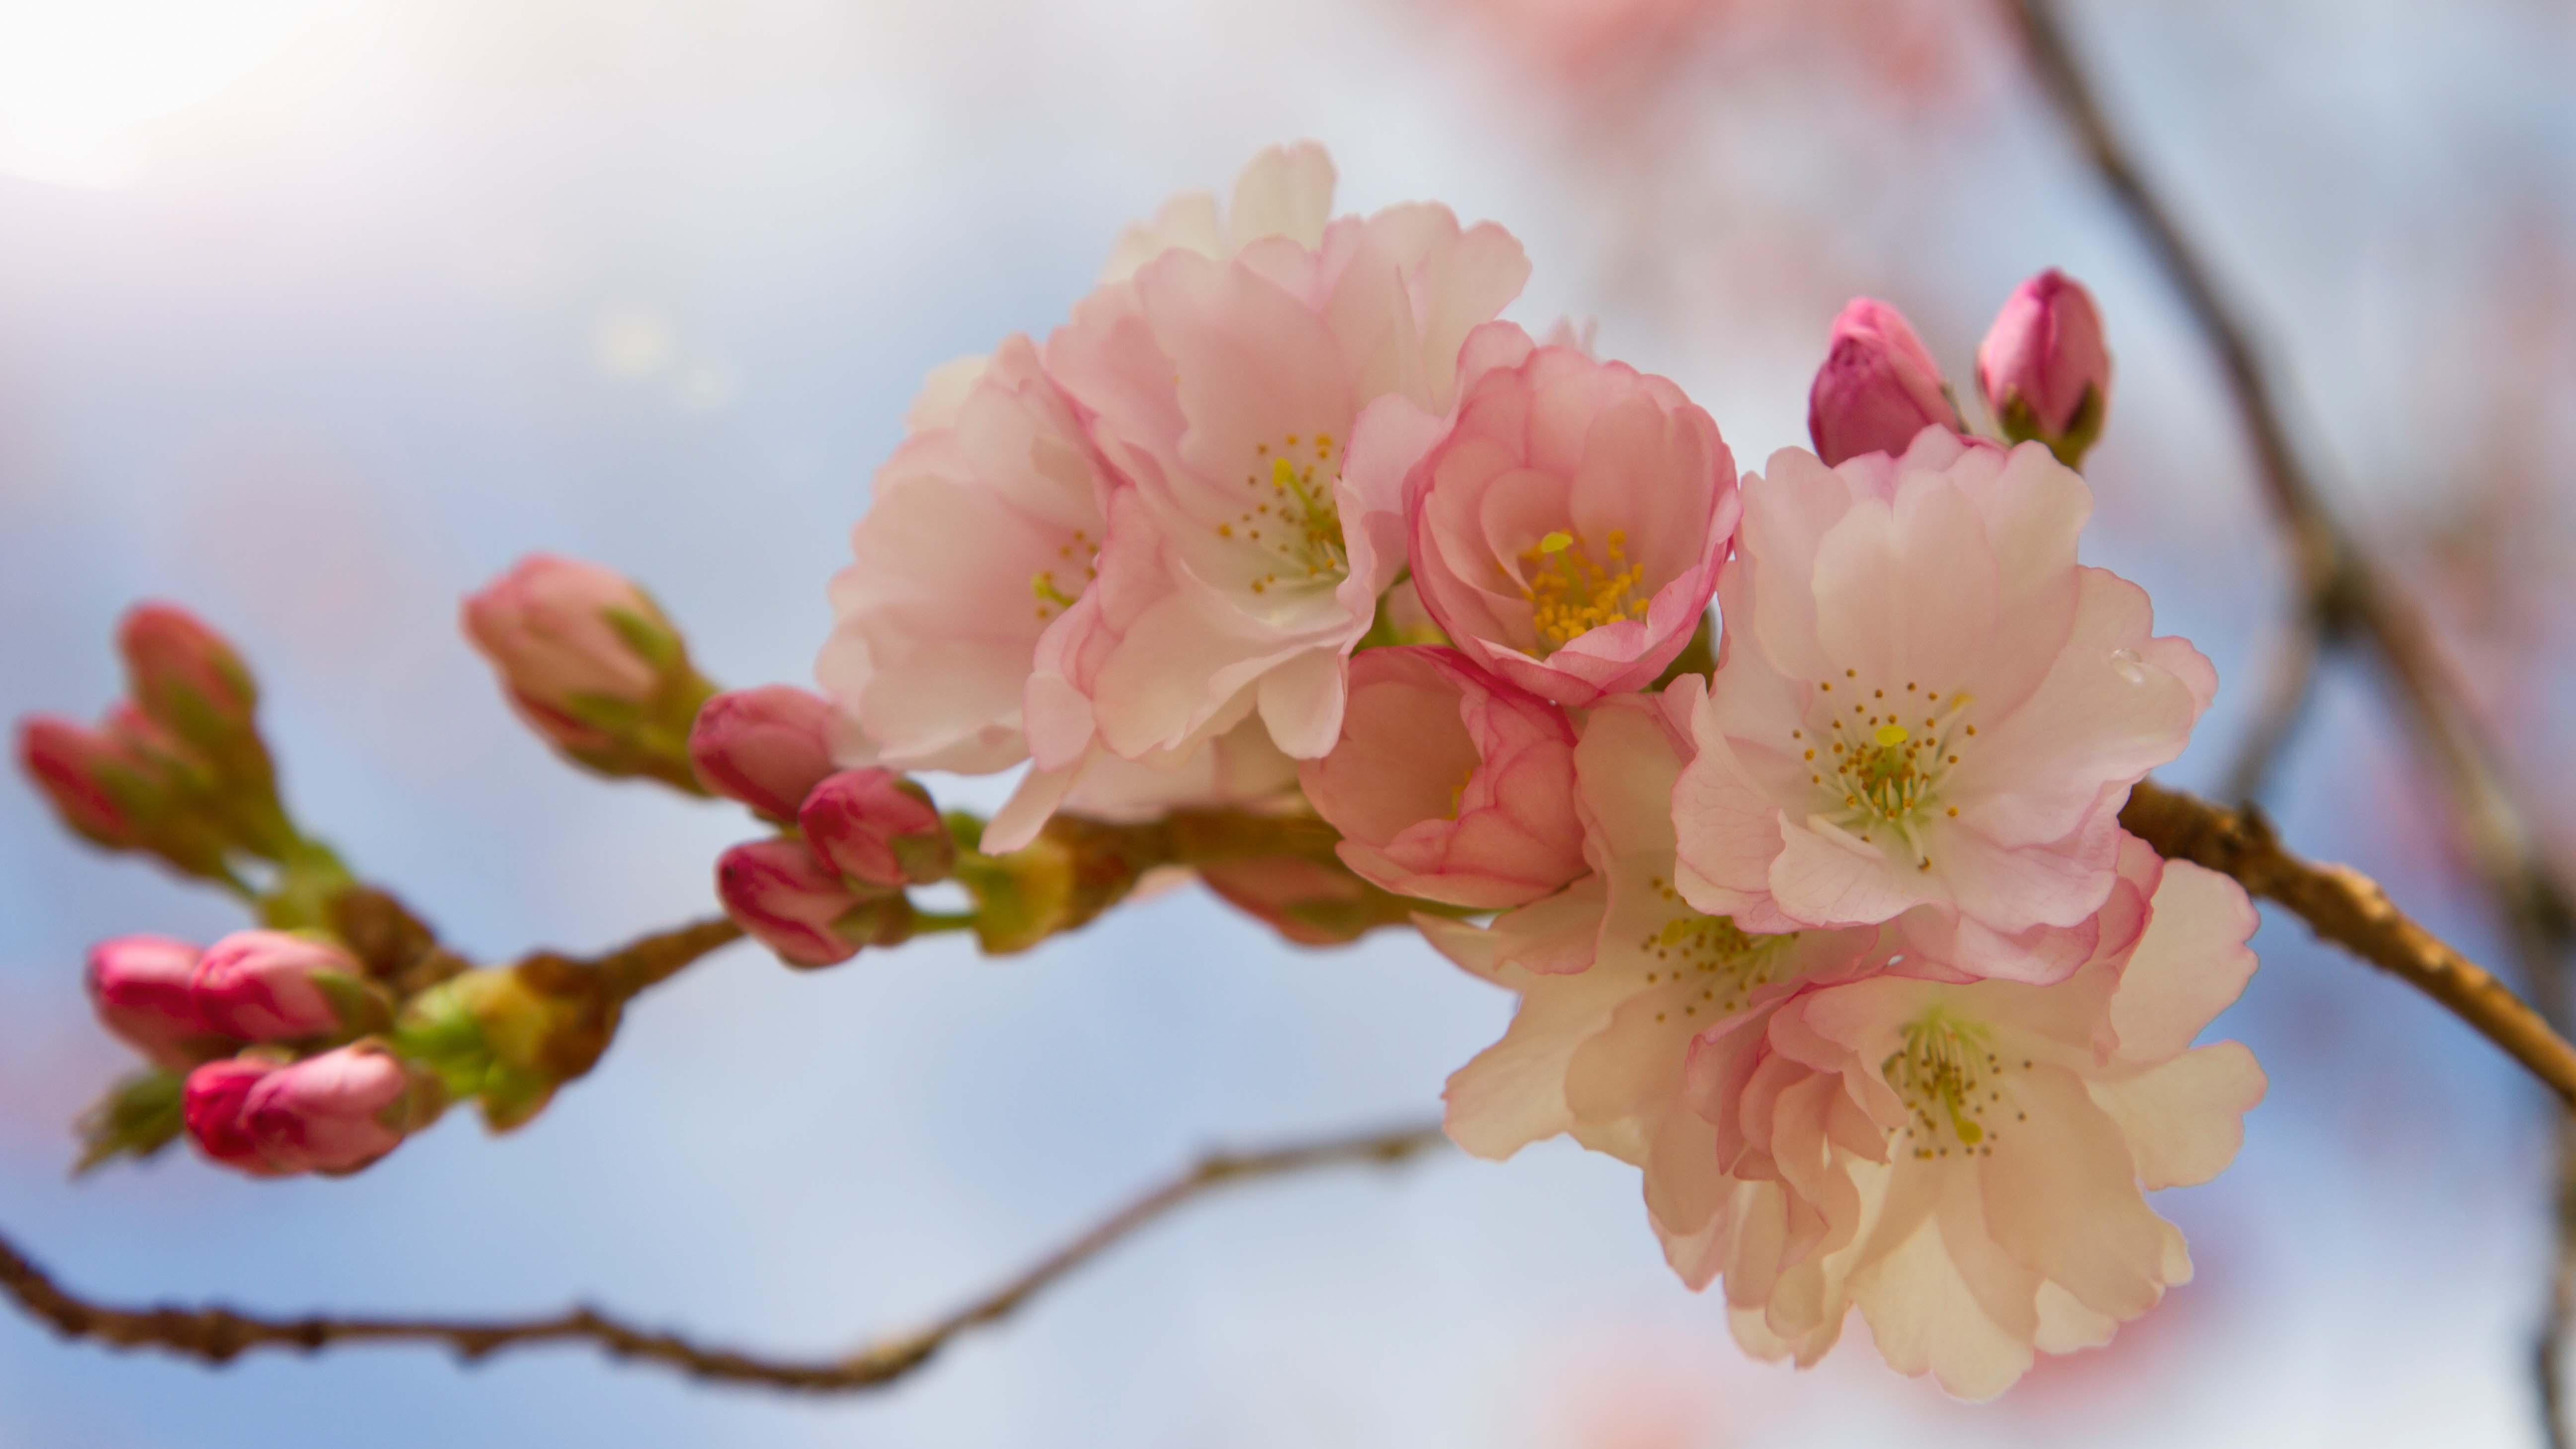 KirschblütenLensflare_MG_7838_HDR_Kopie